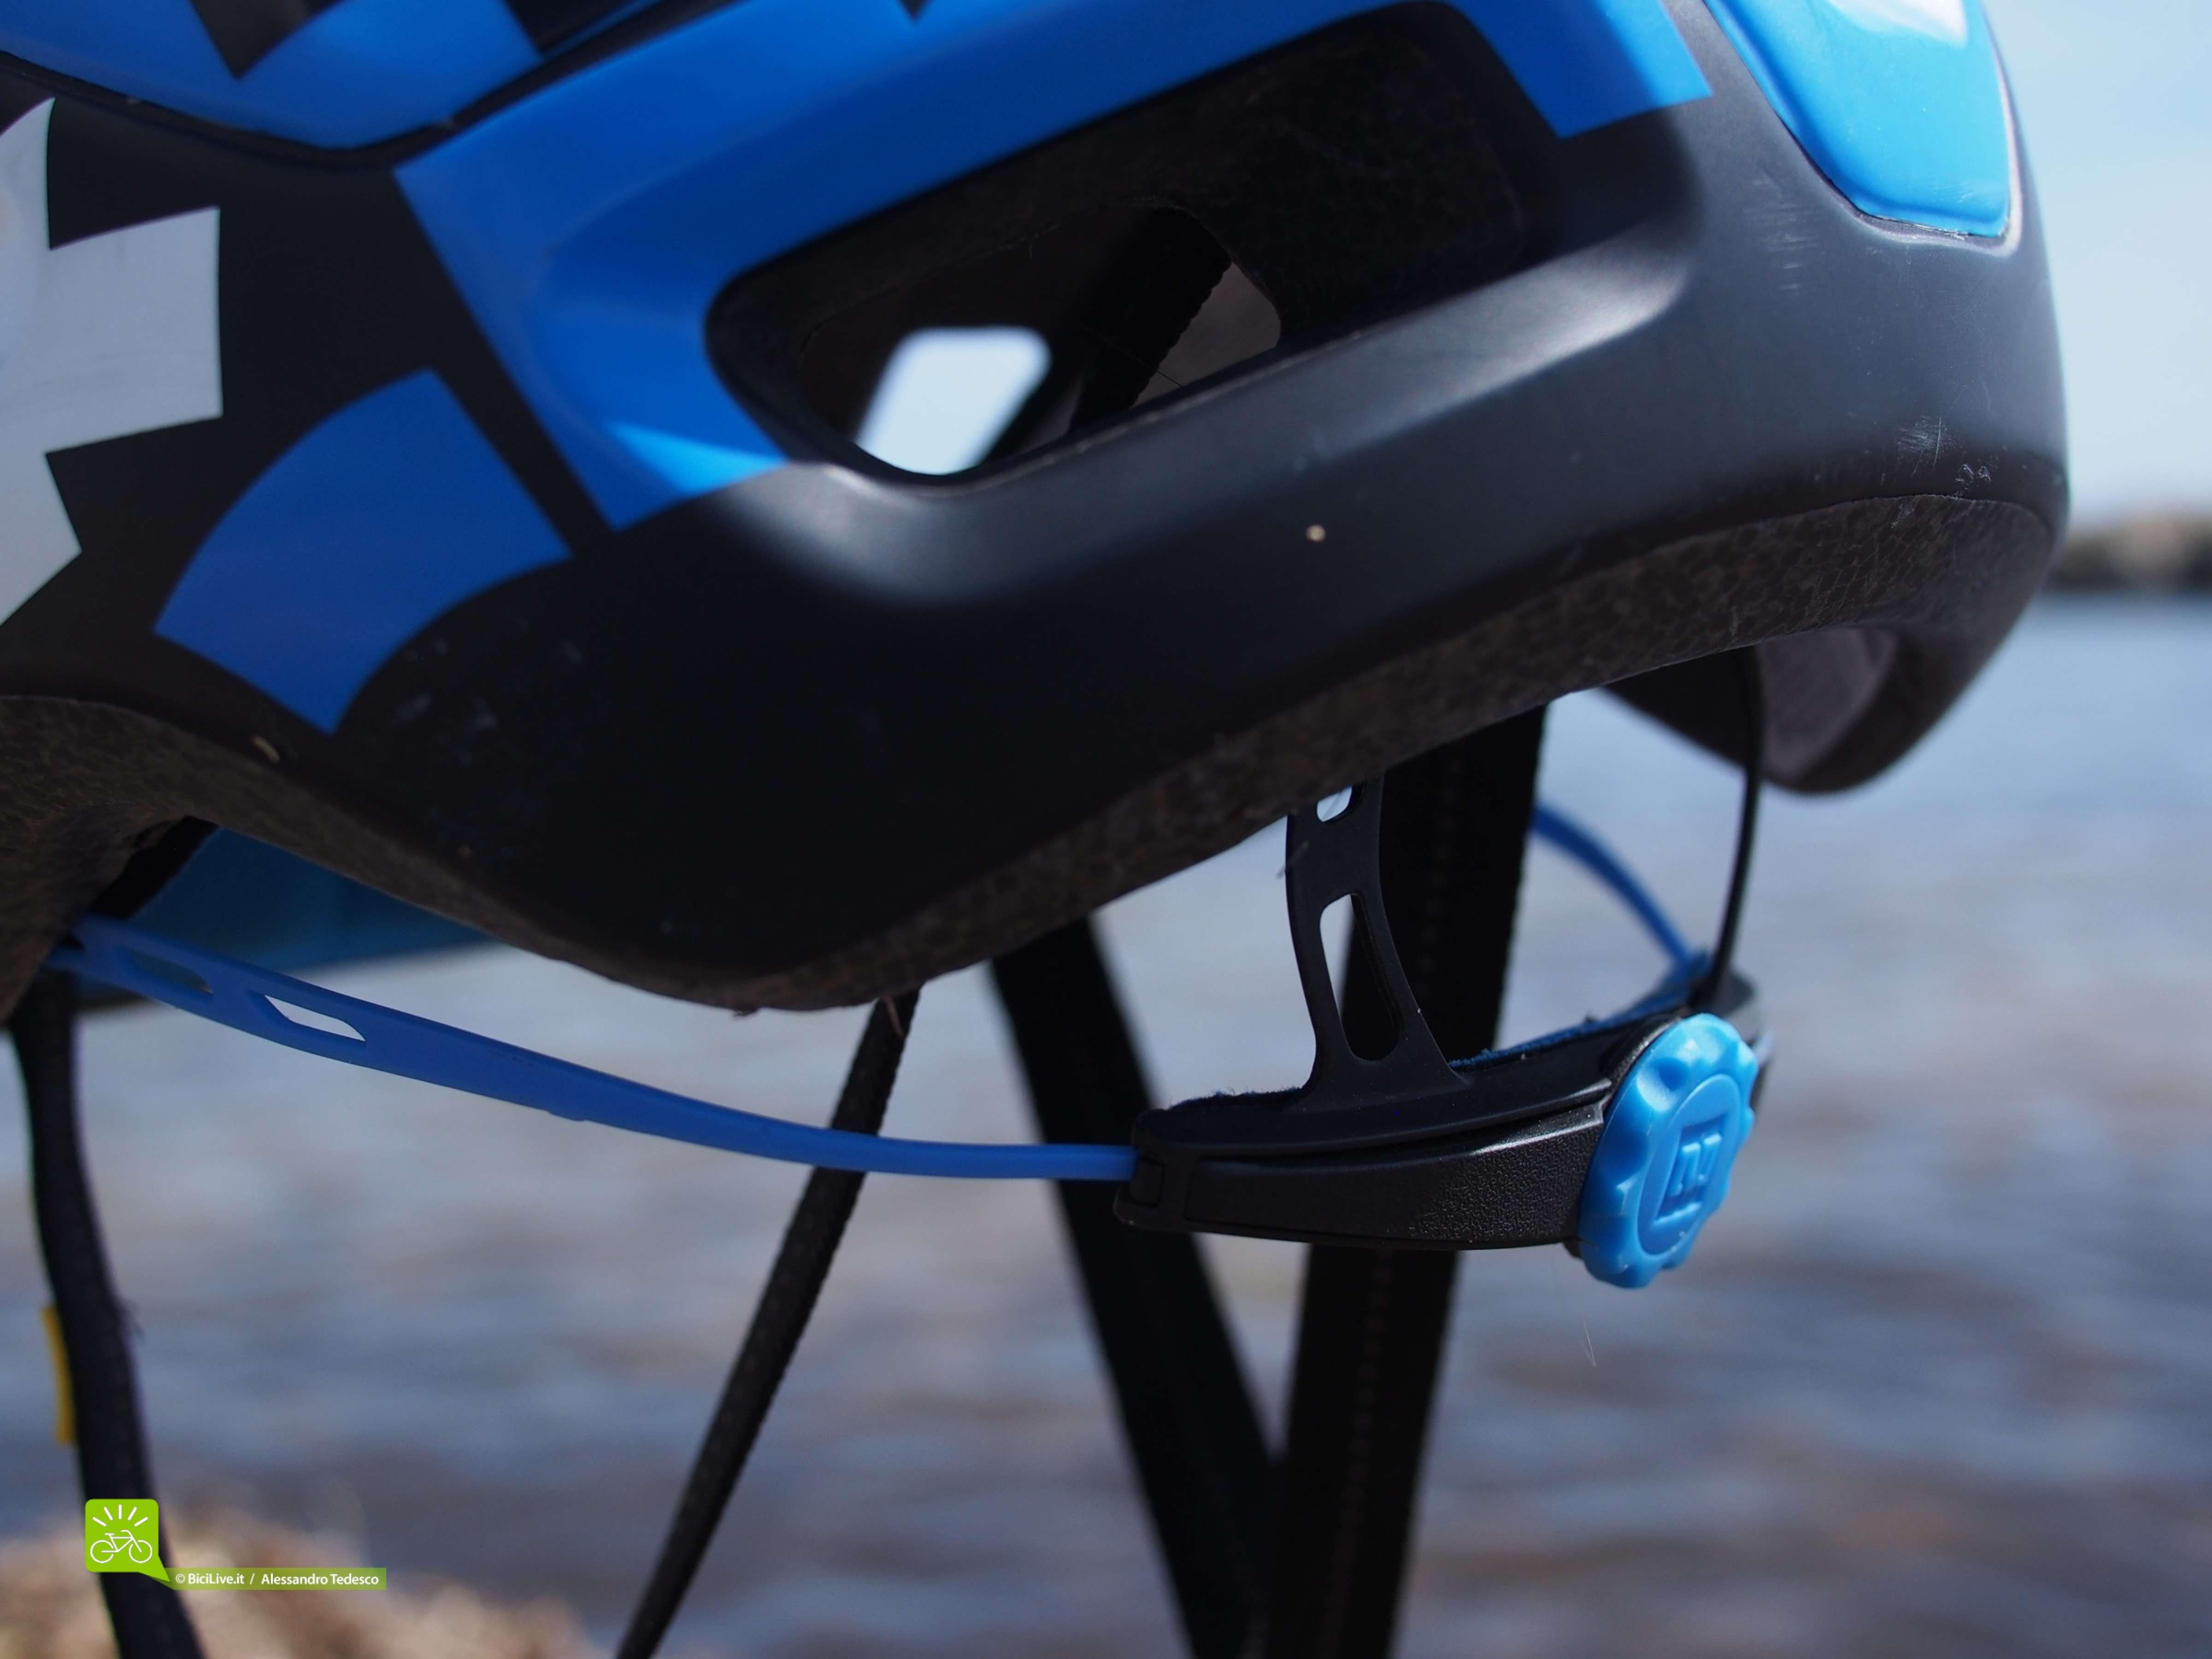 La rotellina del grip posteriore facilmente utilizzabile con i guanti indosso.